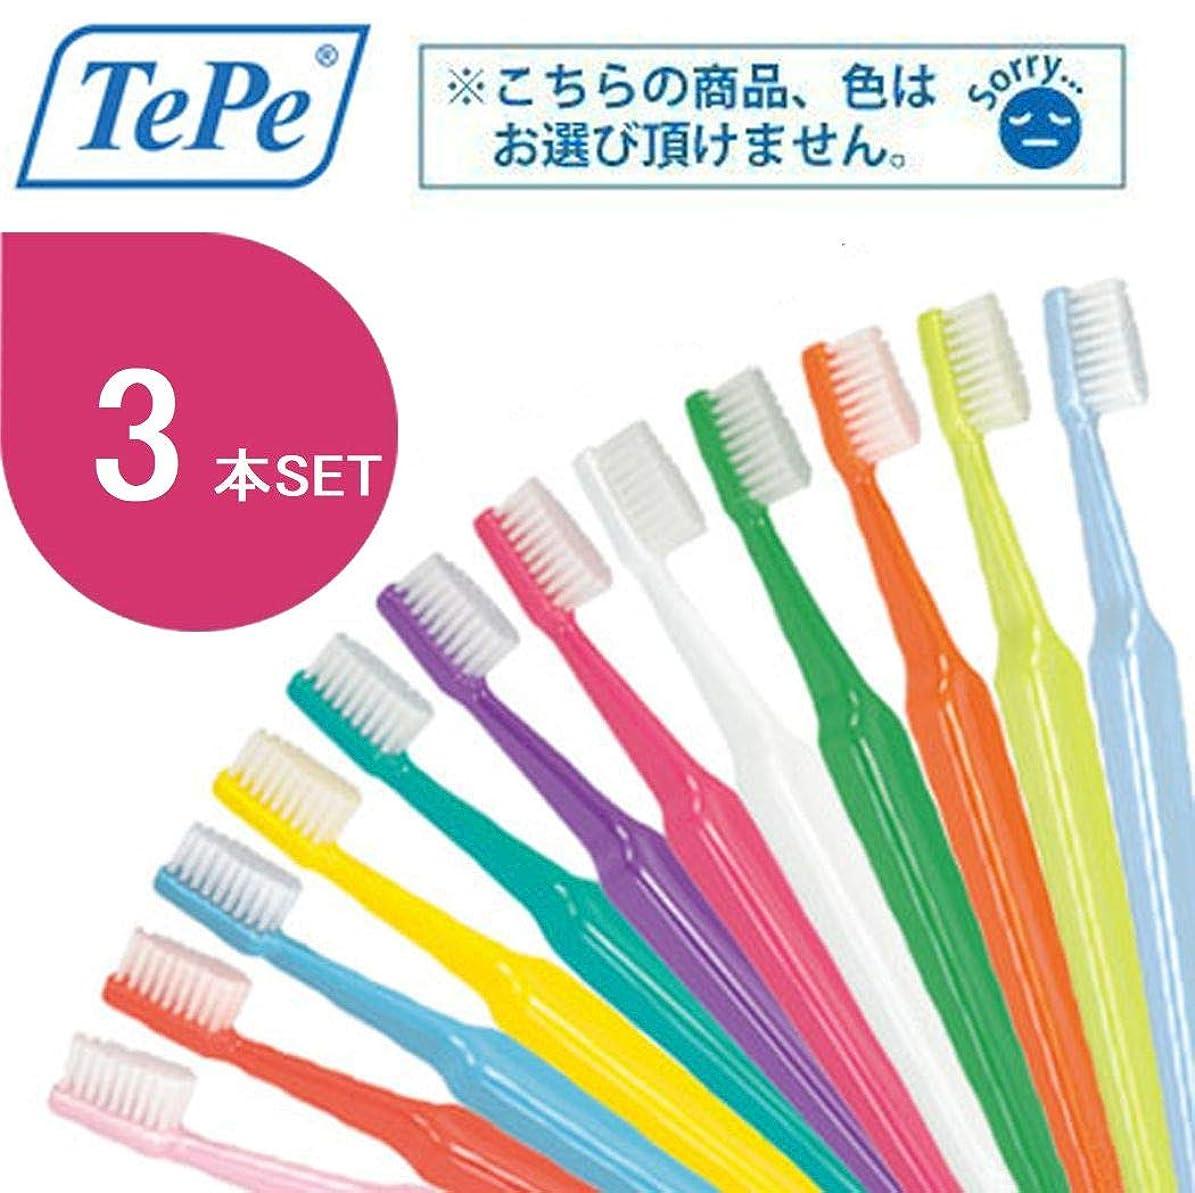 テレマコス威するリフレッシュクロスフィールド TePe テペ セレクト 歯ブラシ 3本 (ソフト)